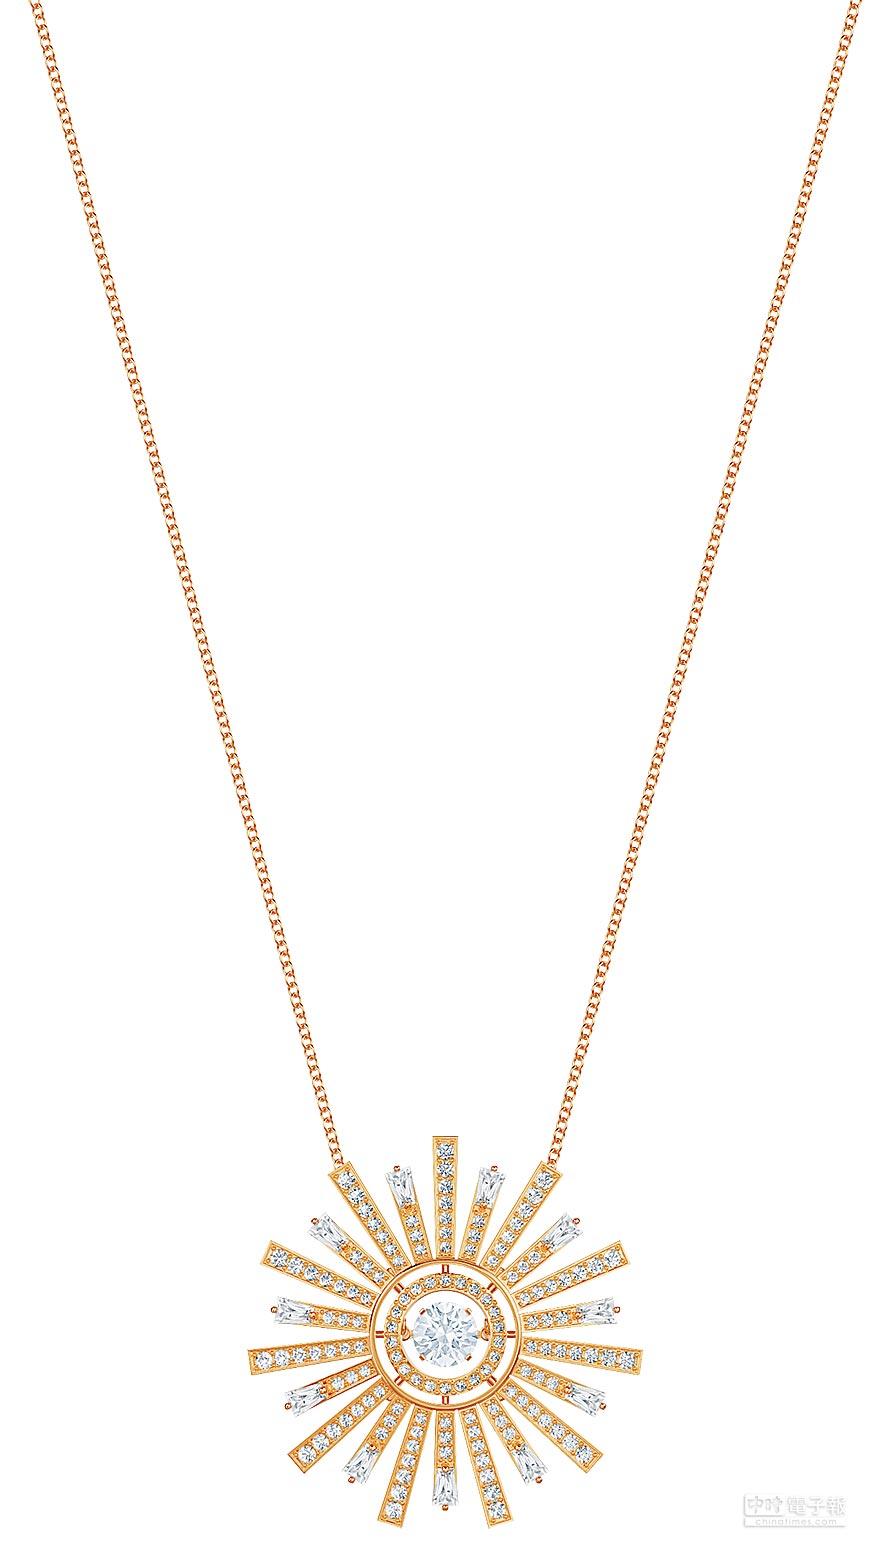 SWAROVSKI母親節主打Sunshine項鍊,8990元。(SWAROVSKI提供)